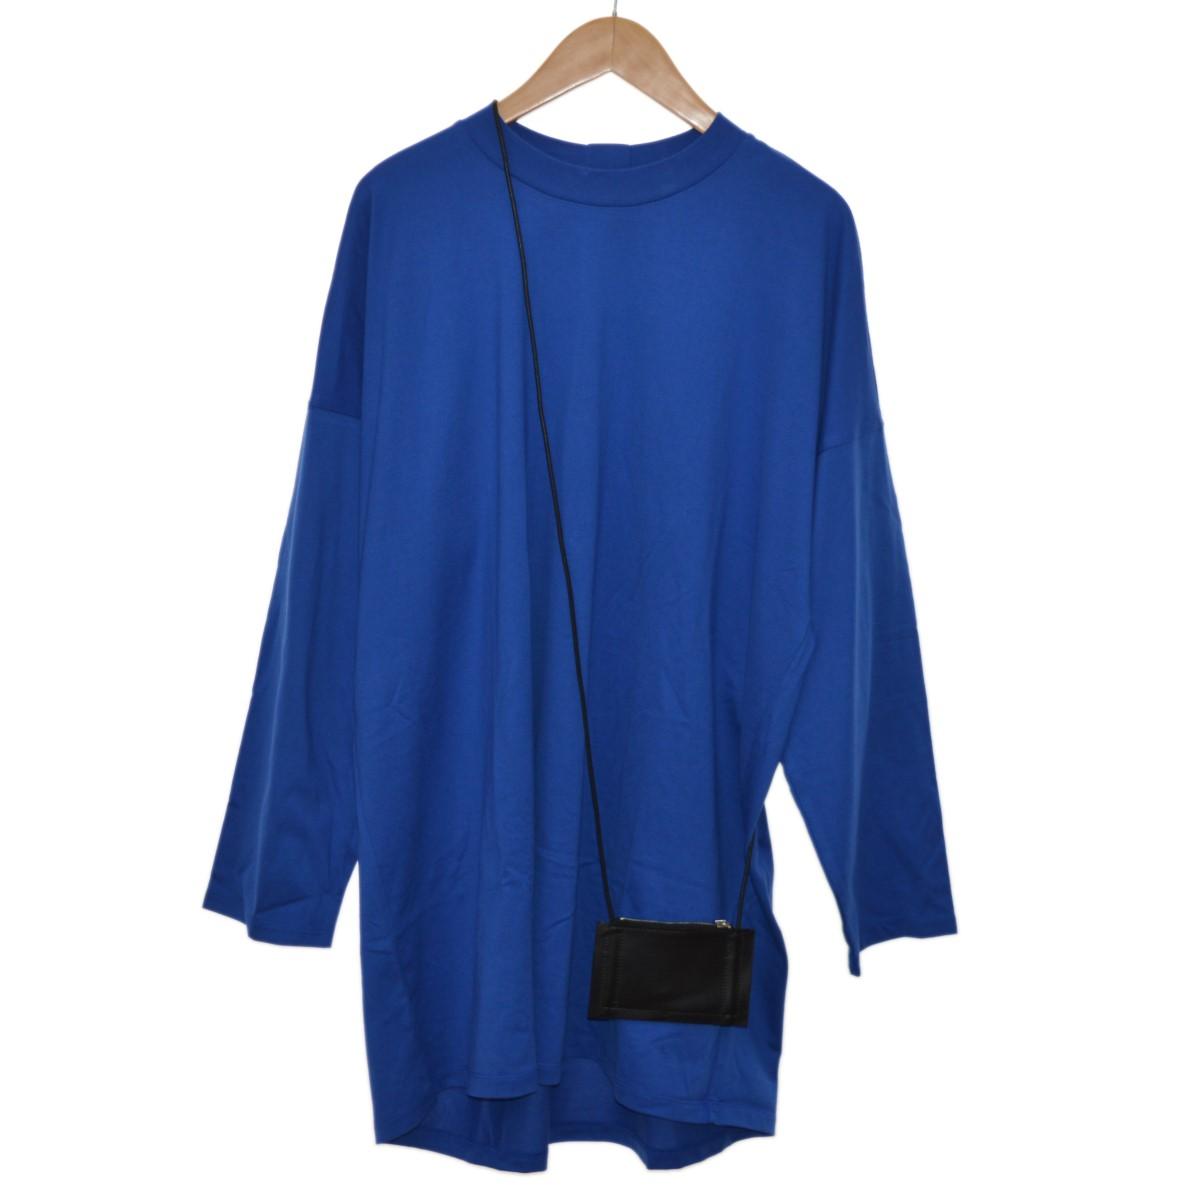 【中古】my beautiful landlet Standard L/S T Shirts With Shoulder Pouch ブルー サイズ:0 【210420】(マイ ビューティフル ランドレット)